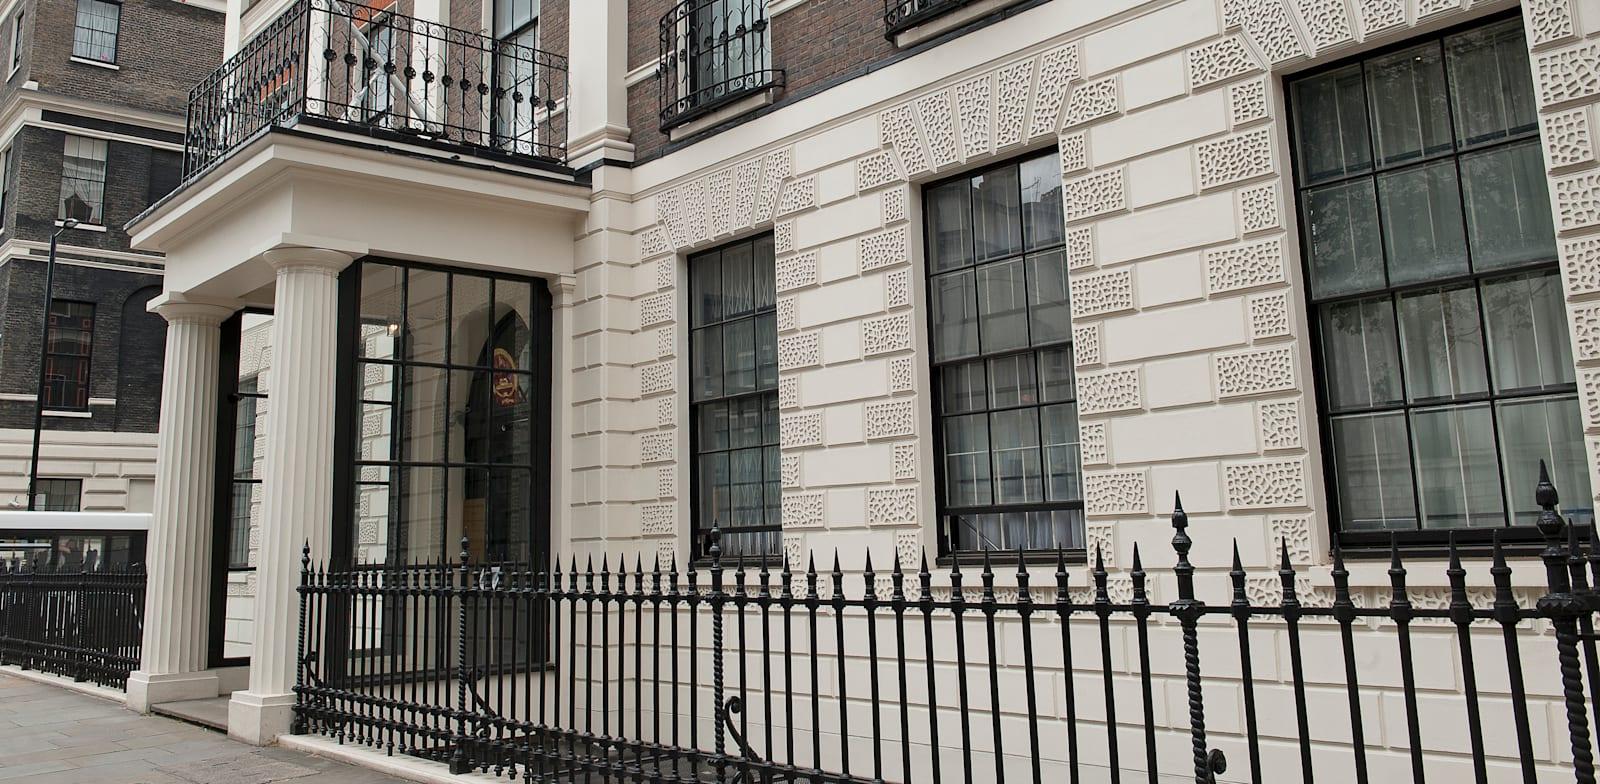 שגרירות סין בלונדון / צילום: Shutterstock, Karl Nesh